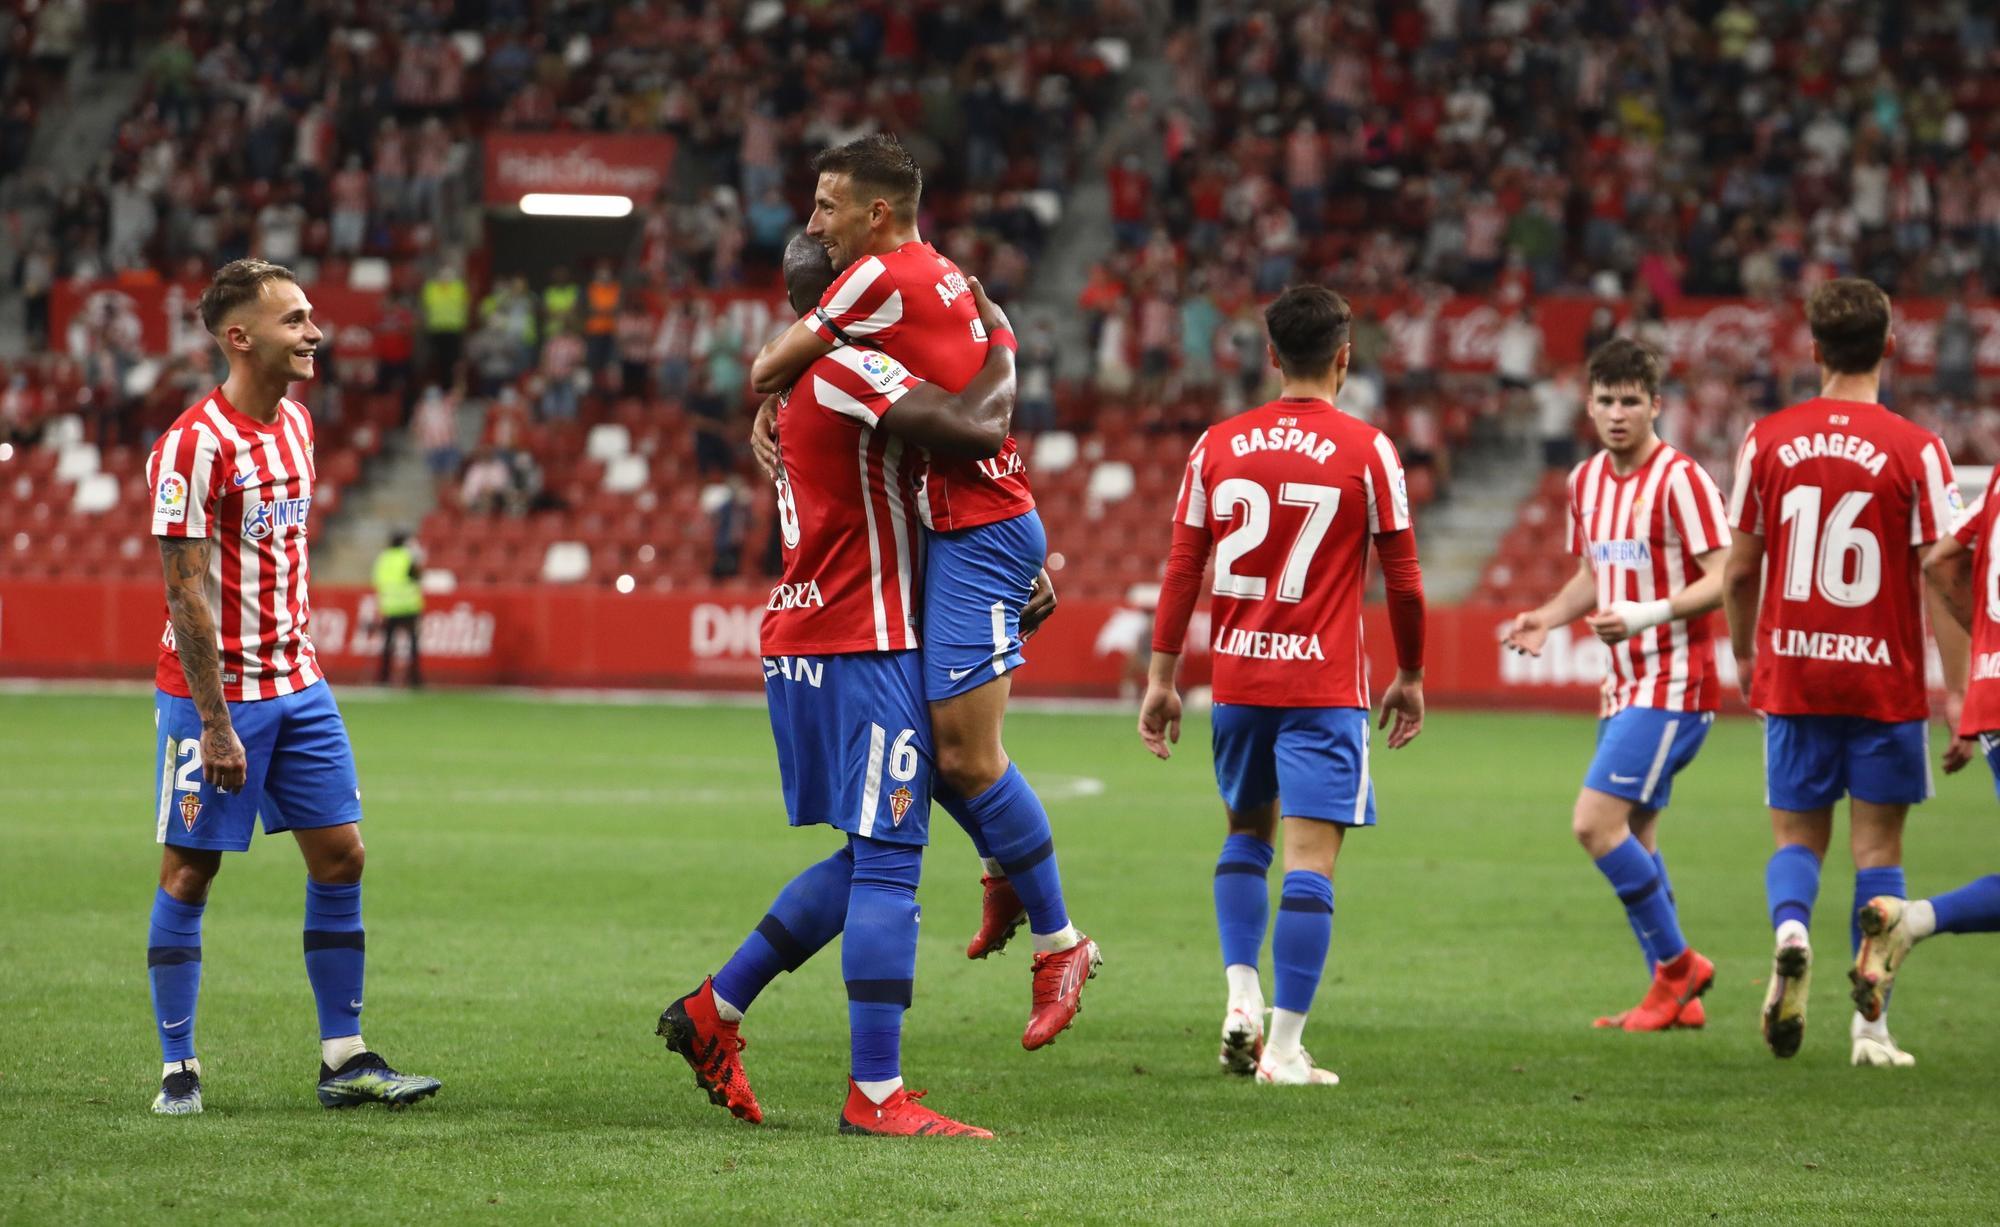 EN IMÁGENES | Así fue la victoria del Sporting ante el Leganés